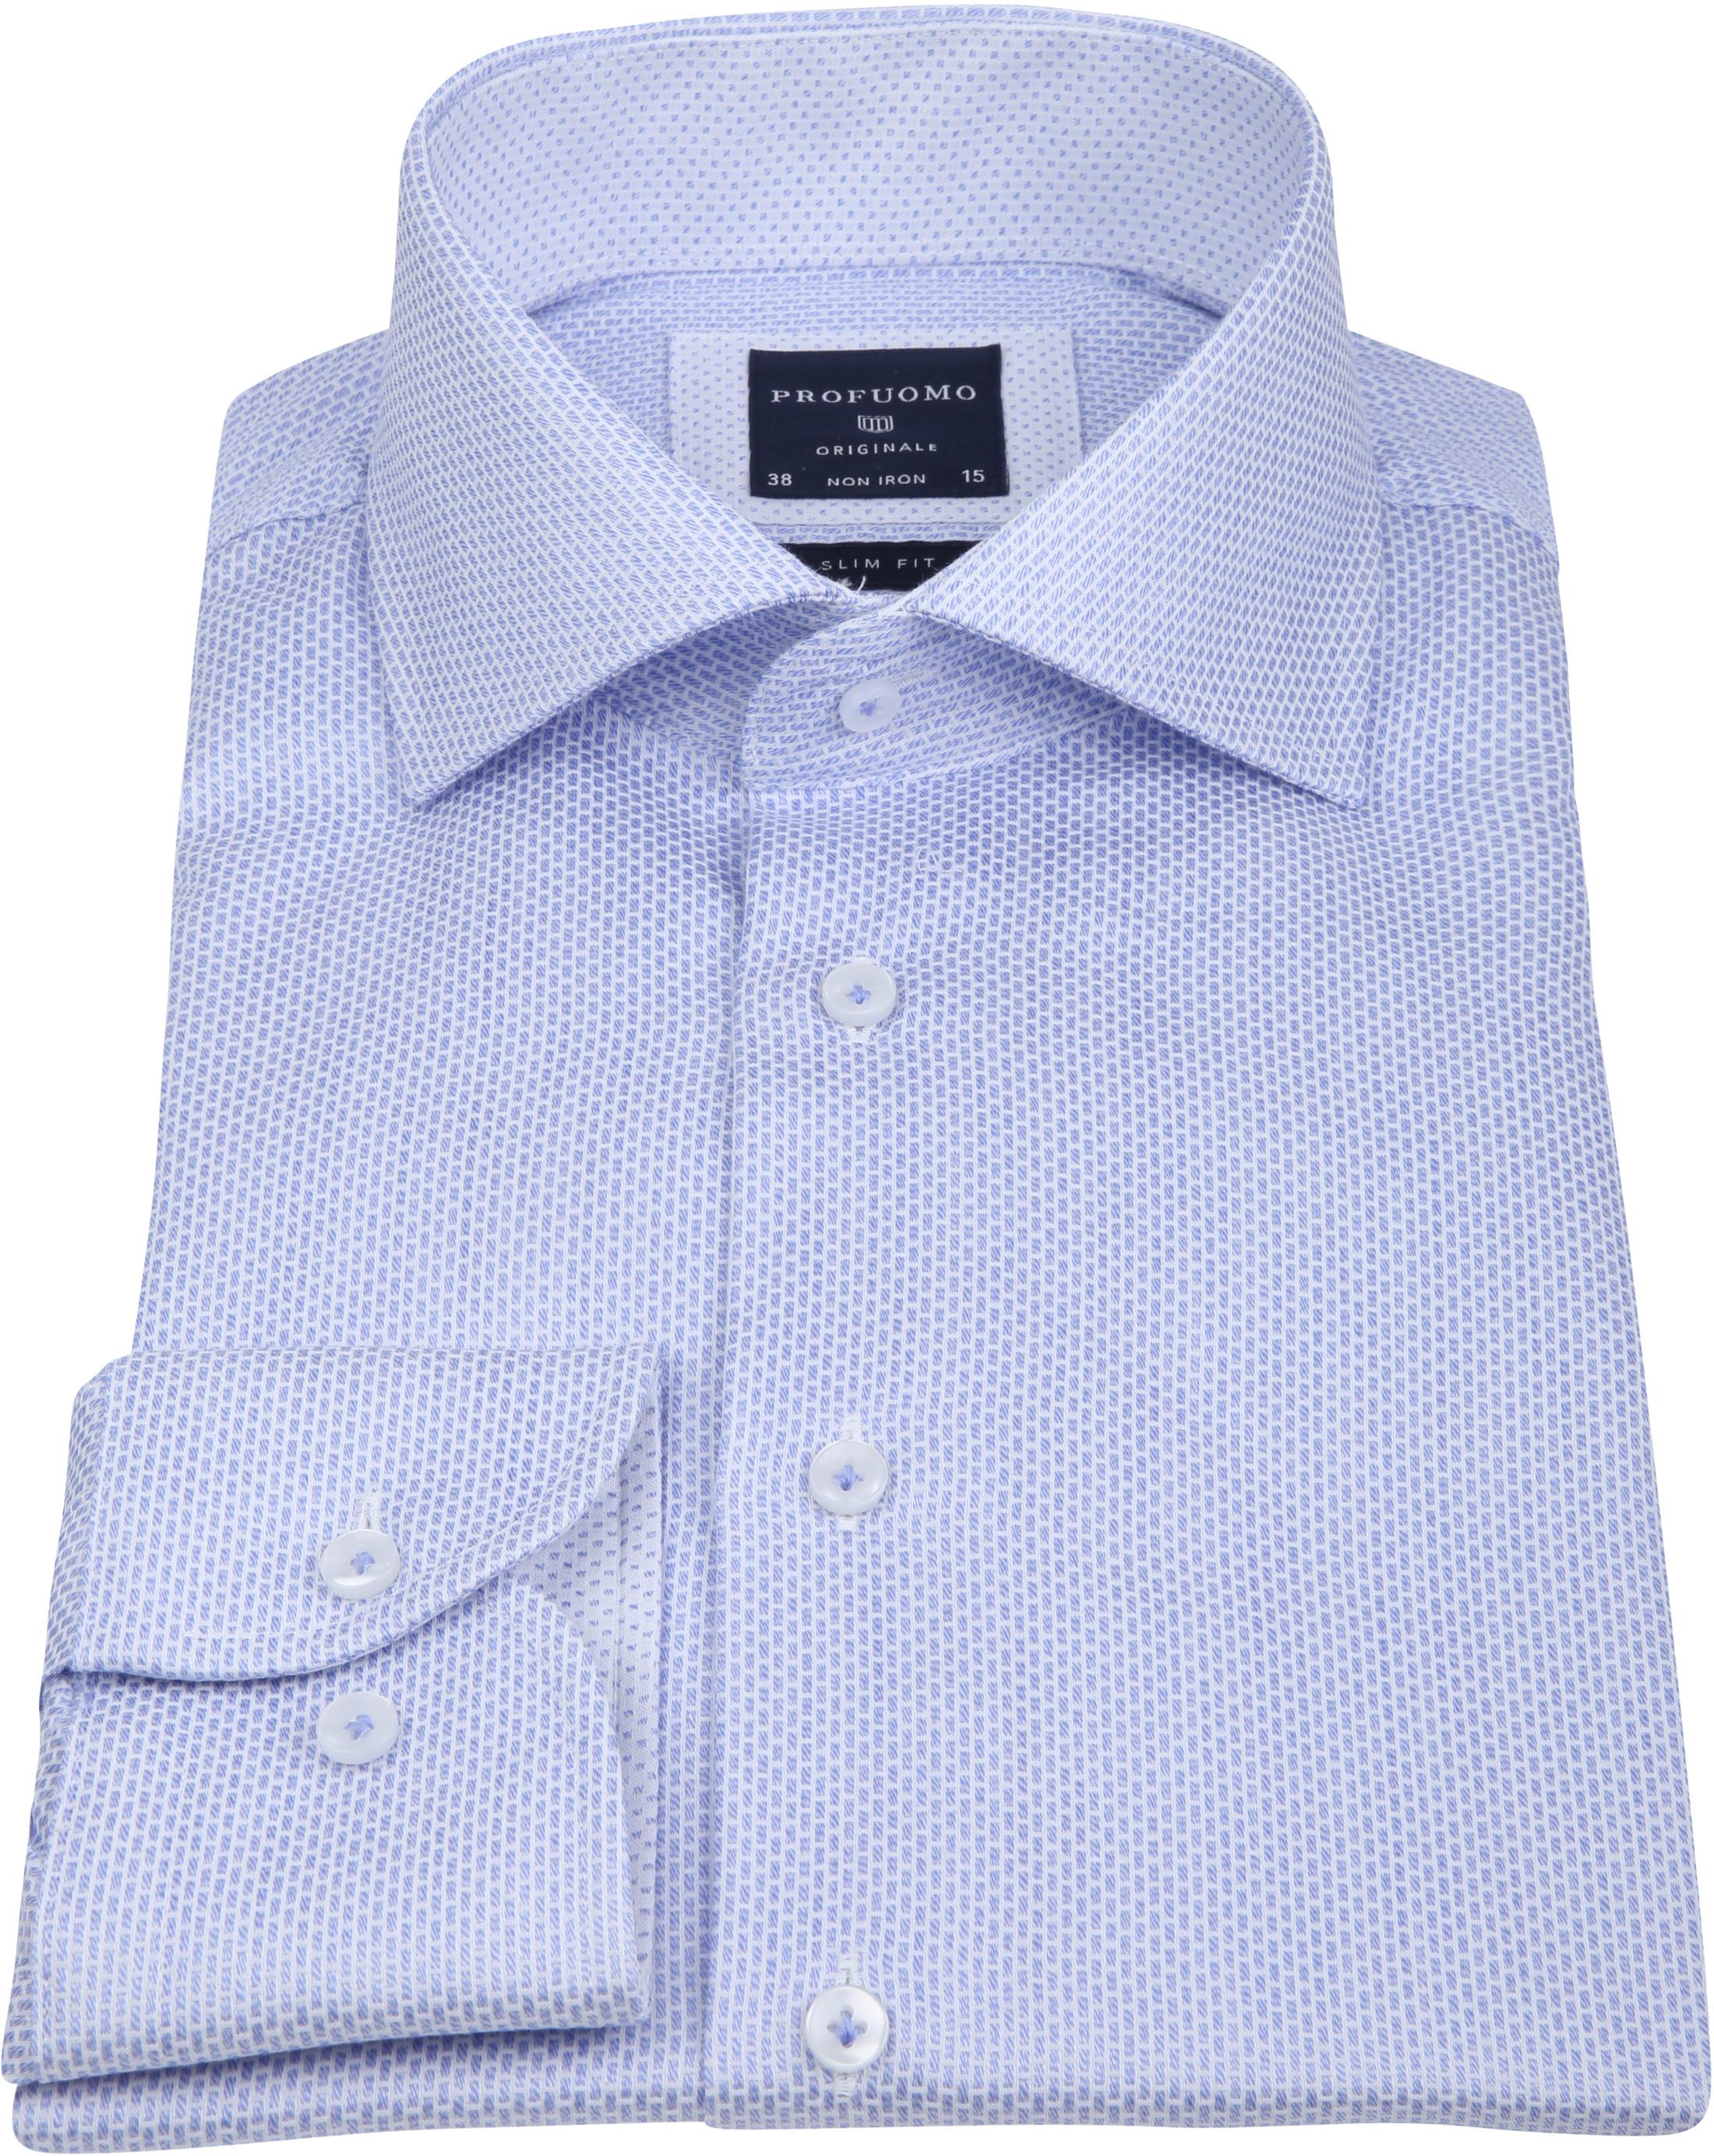 Profuomo Overhemd Dessin Blue foto 3